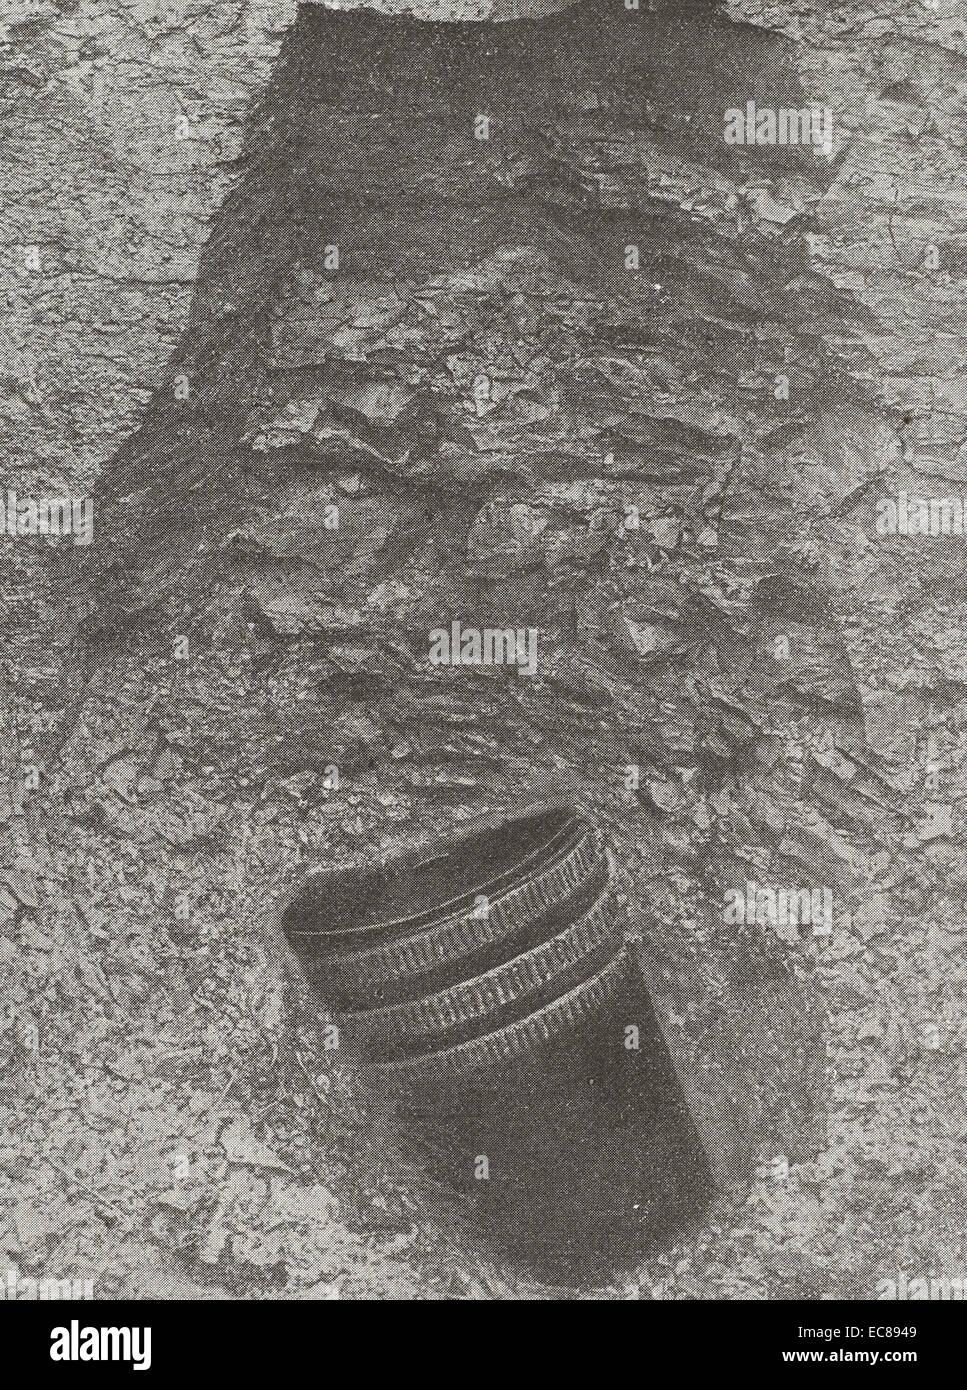 Die Schale wurde 10 Metern Tiefe entdeckt. Stockbild